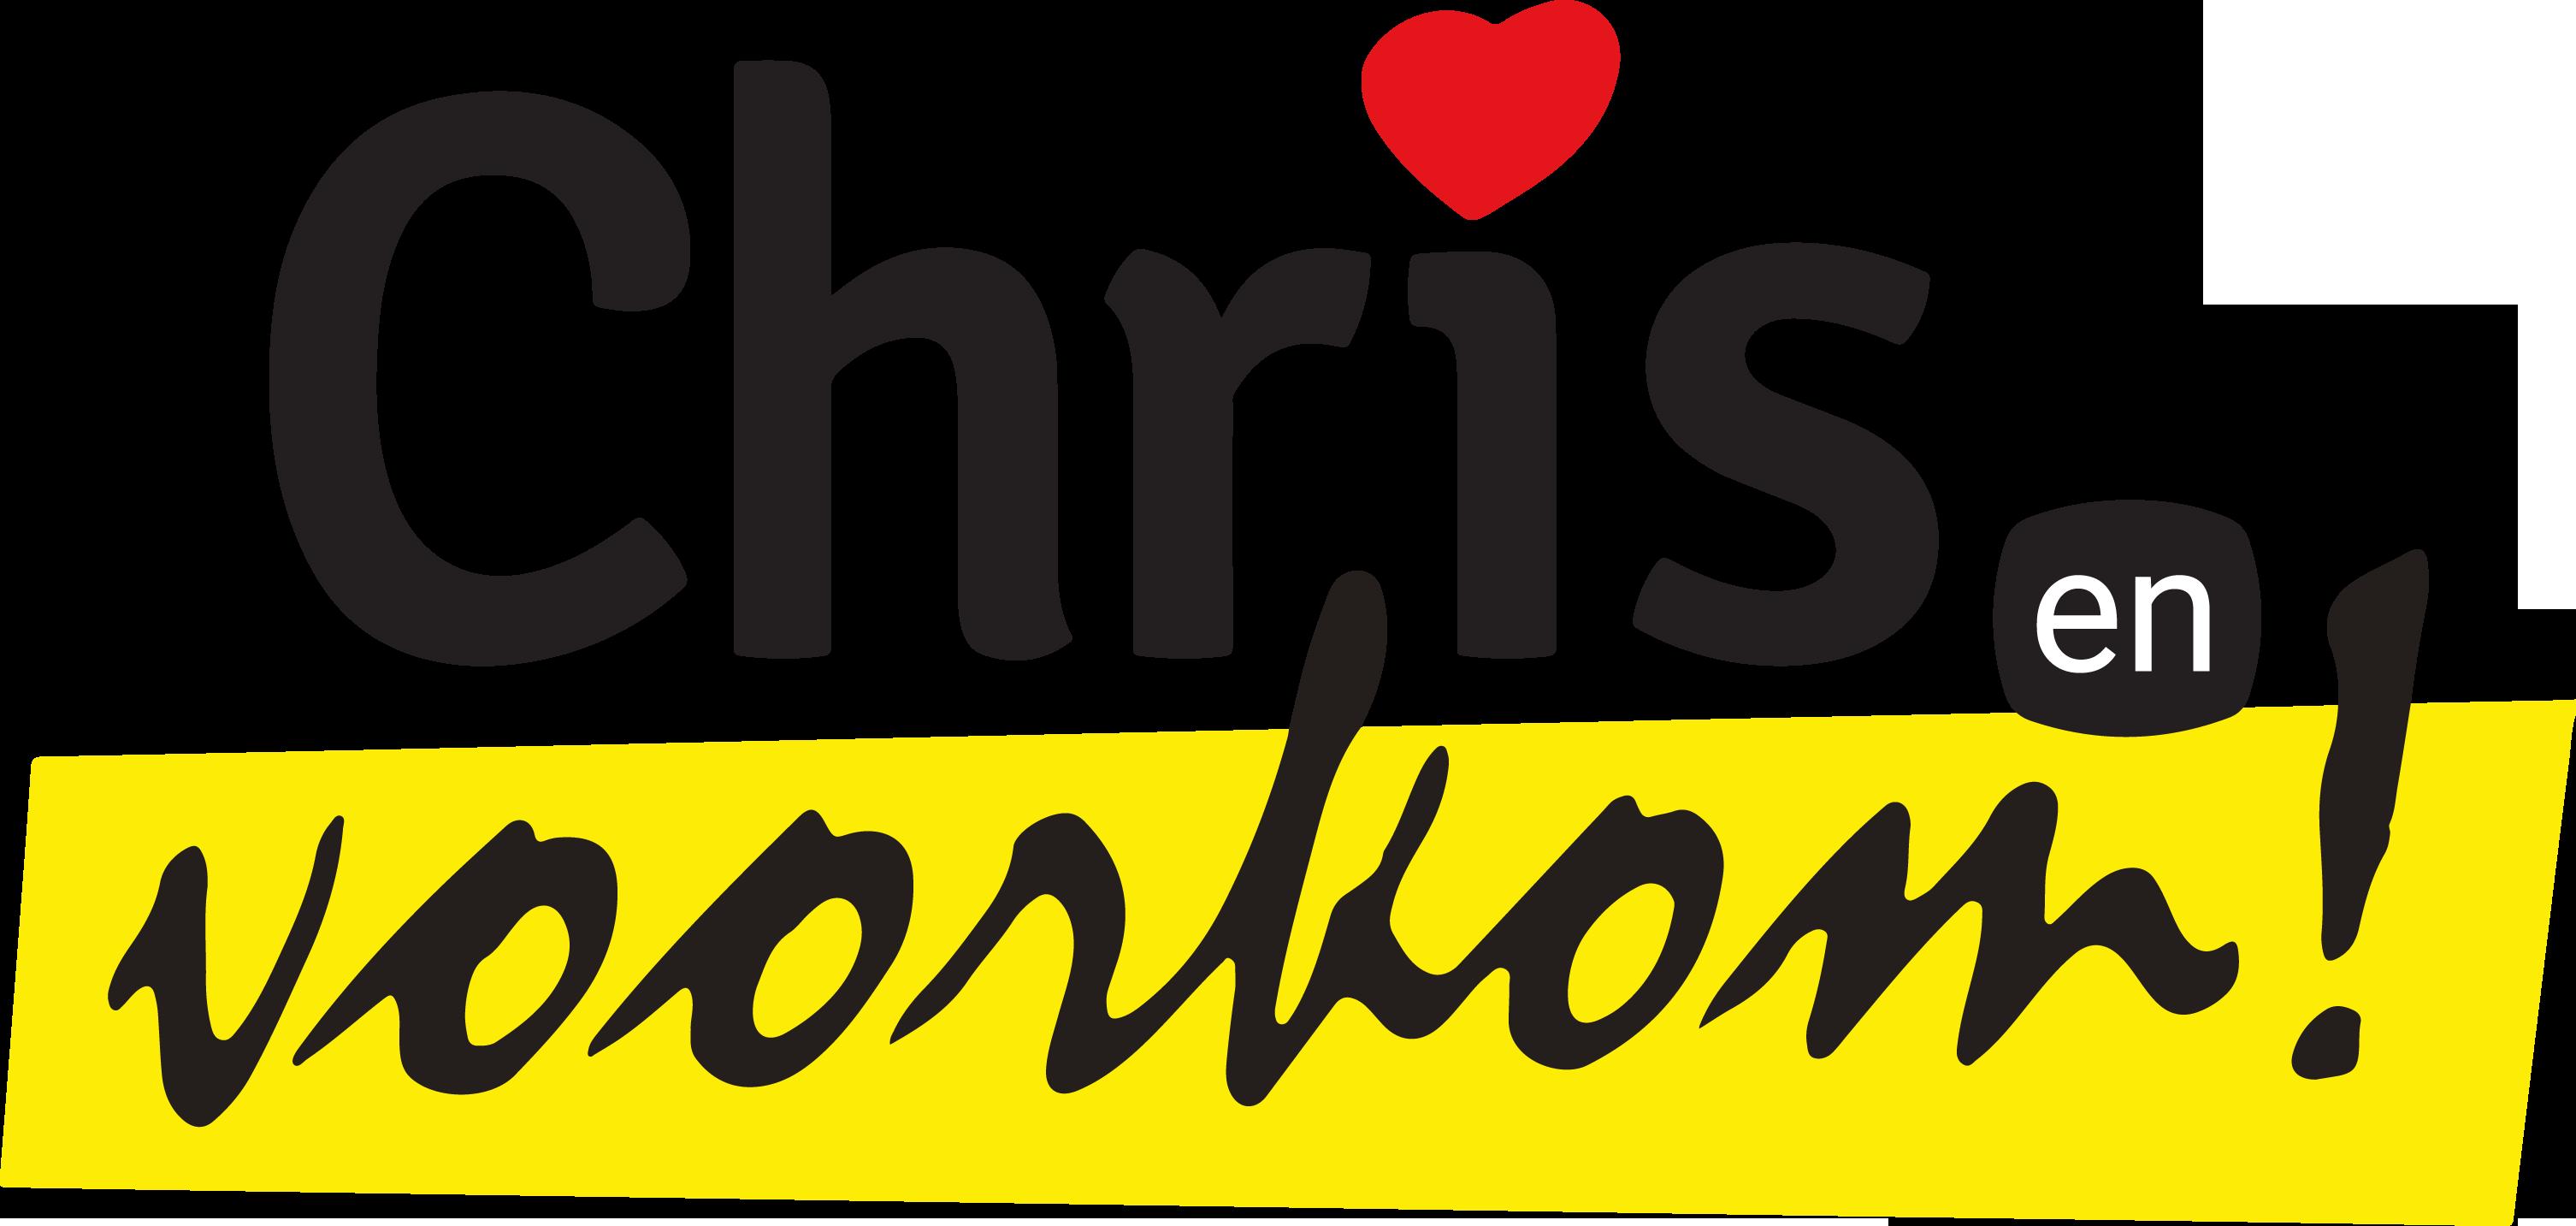 Stichting Chris en Voorkom! en De Hoop ggz werken toe naar bestuurlijke fusie